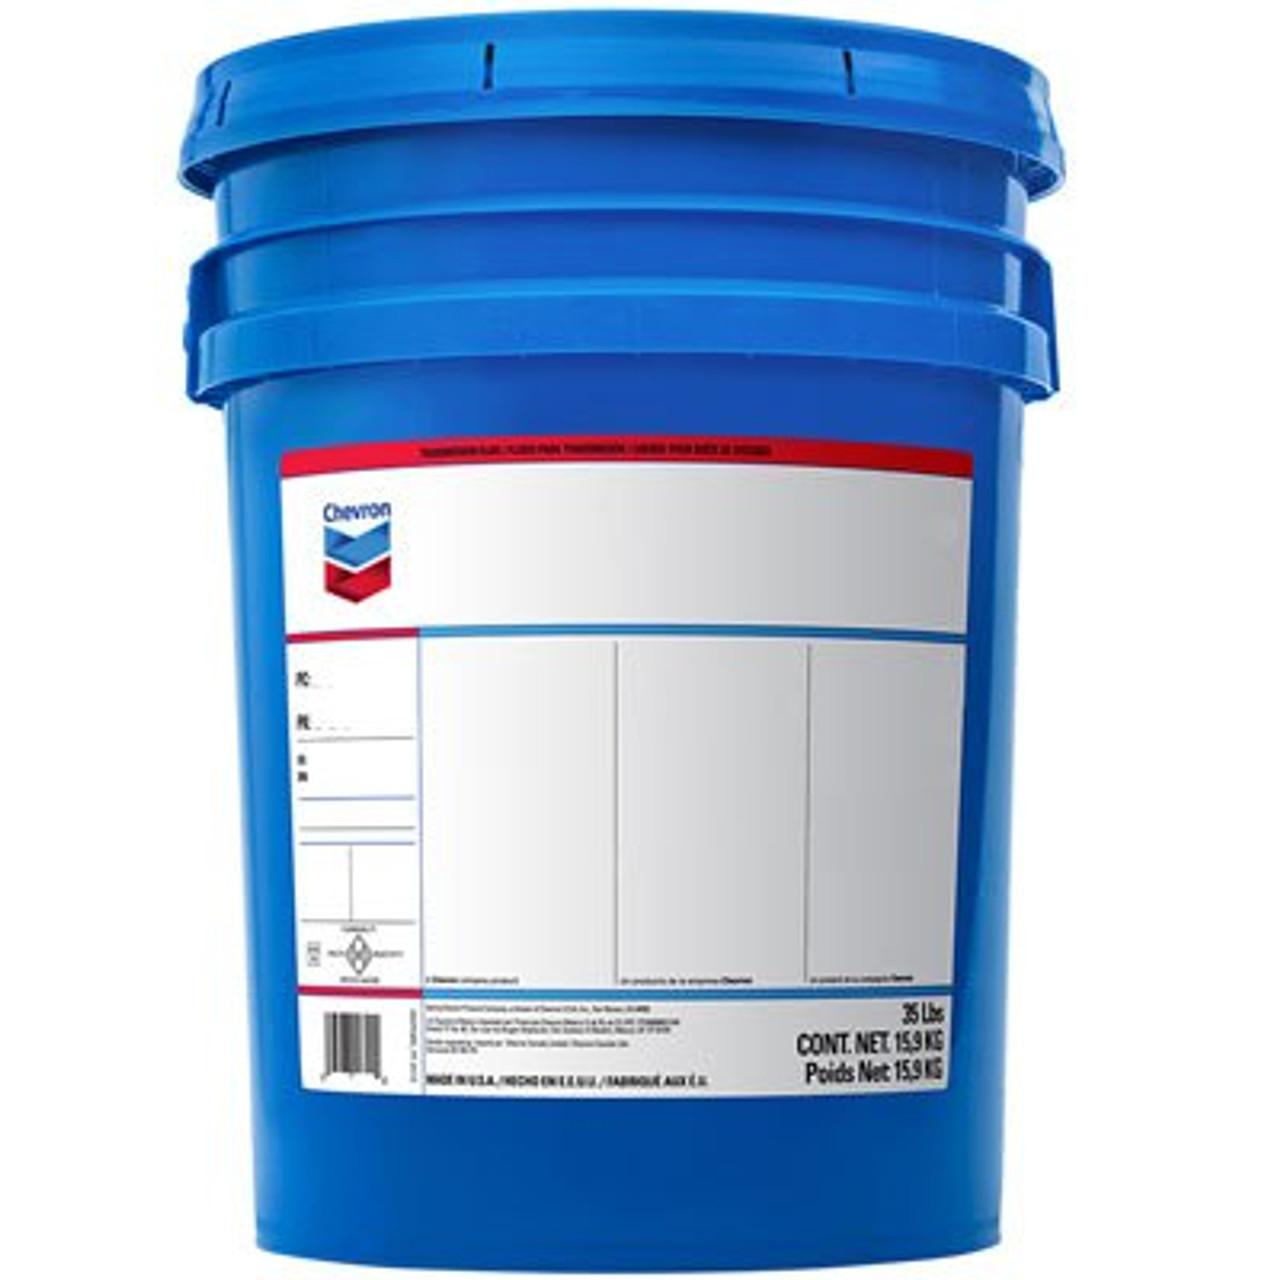 Chevron Meropa® 220 Gear Oil - 35 Pound Pail